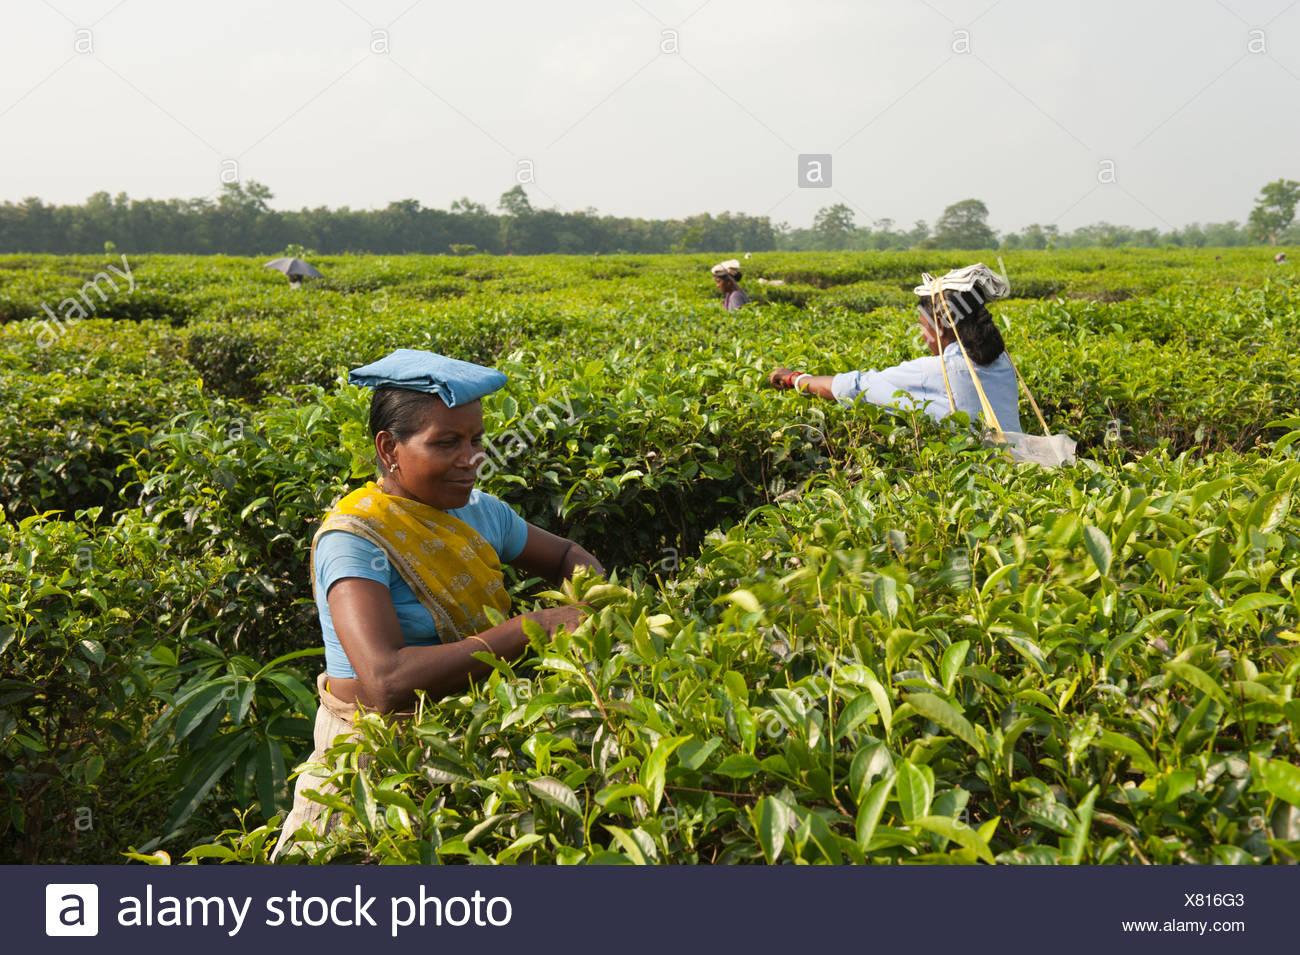 Les cueilleurs de thé au travail, près de Darjeeling, au Bengale occidental, en Inde, en Asie du Sud, Asie Photo Stock